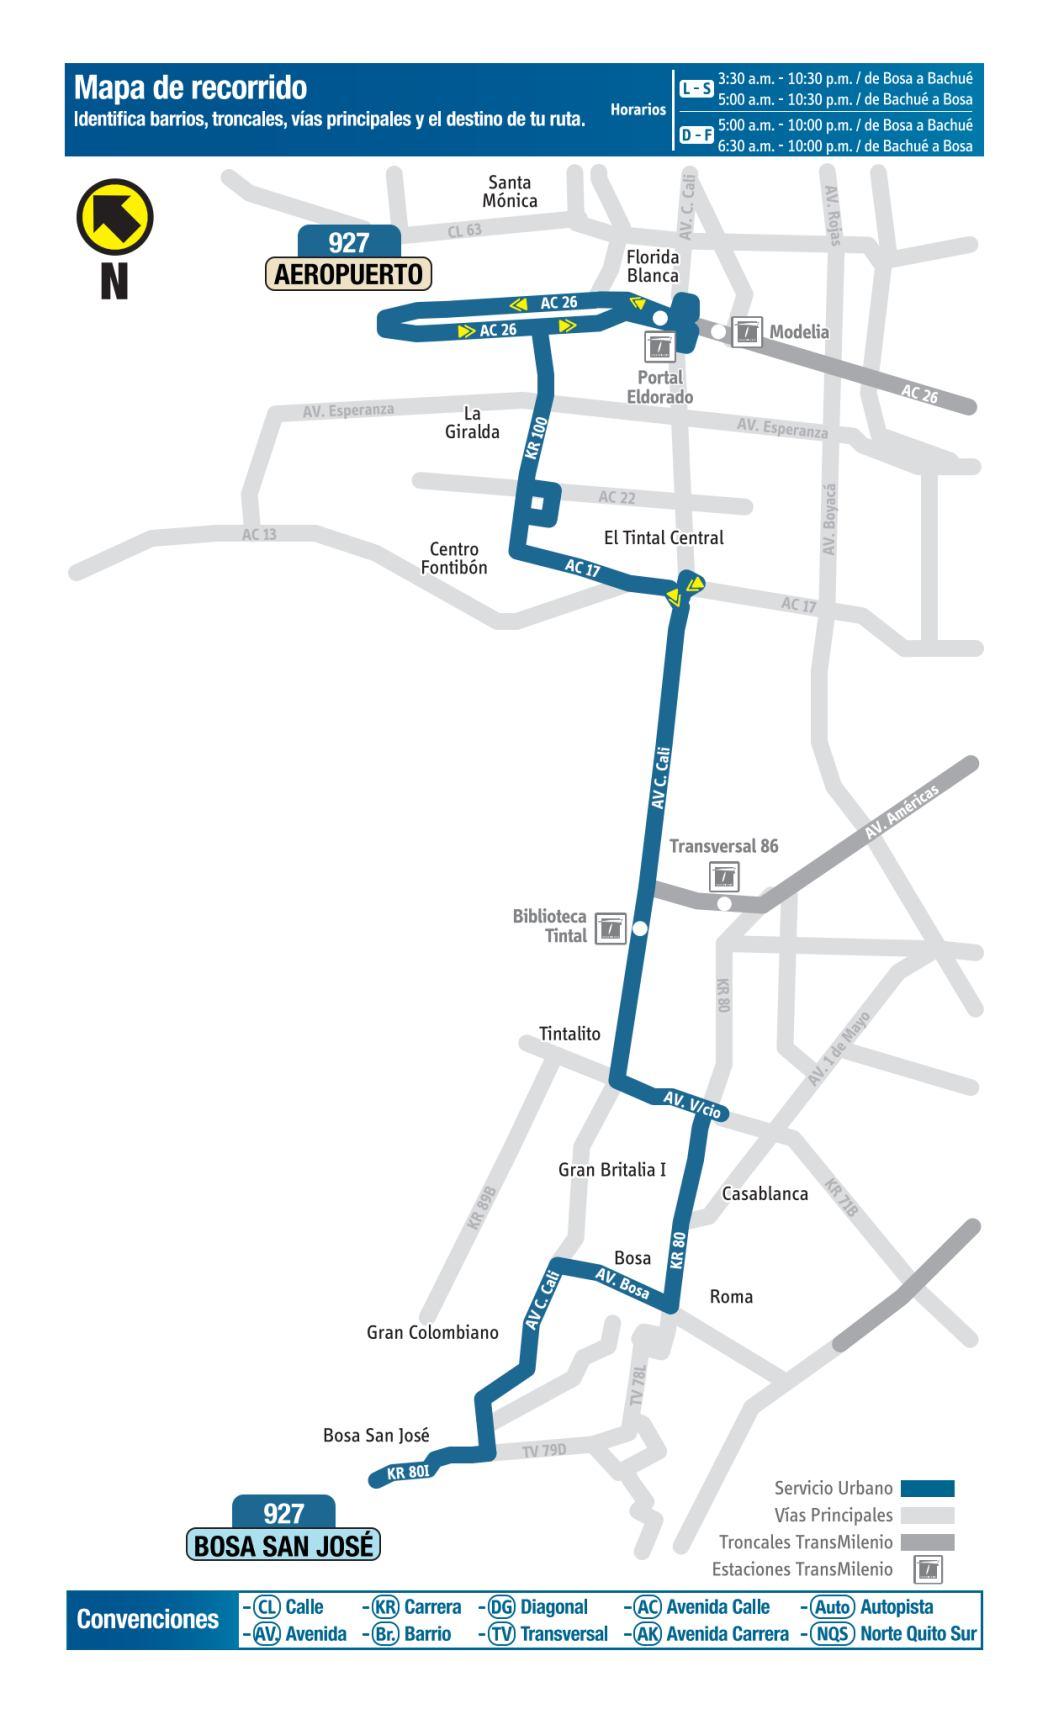 927 Bosa San José - Aeropuerto, mapa bus urbano Bogotá